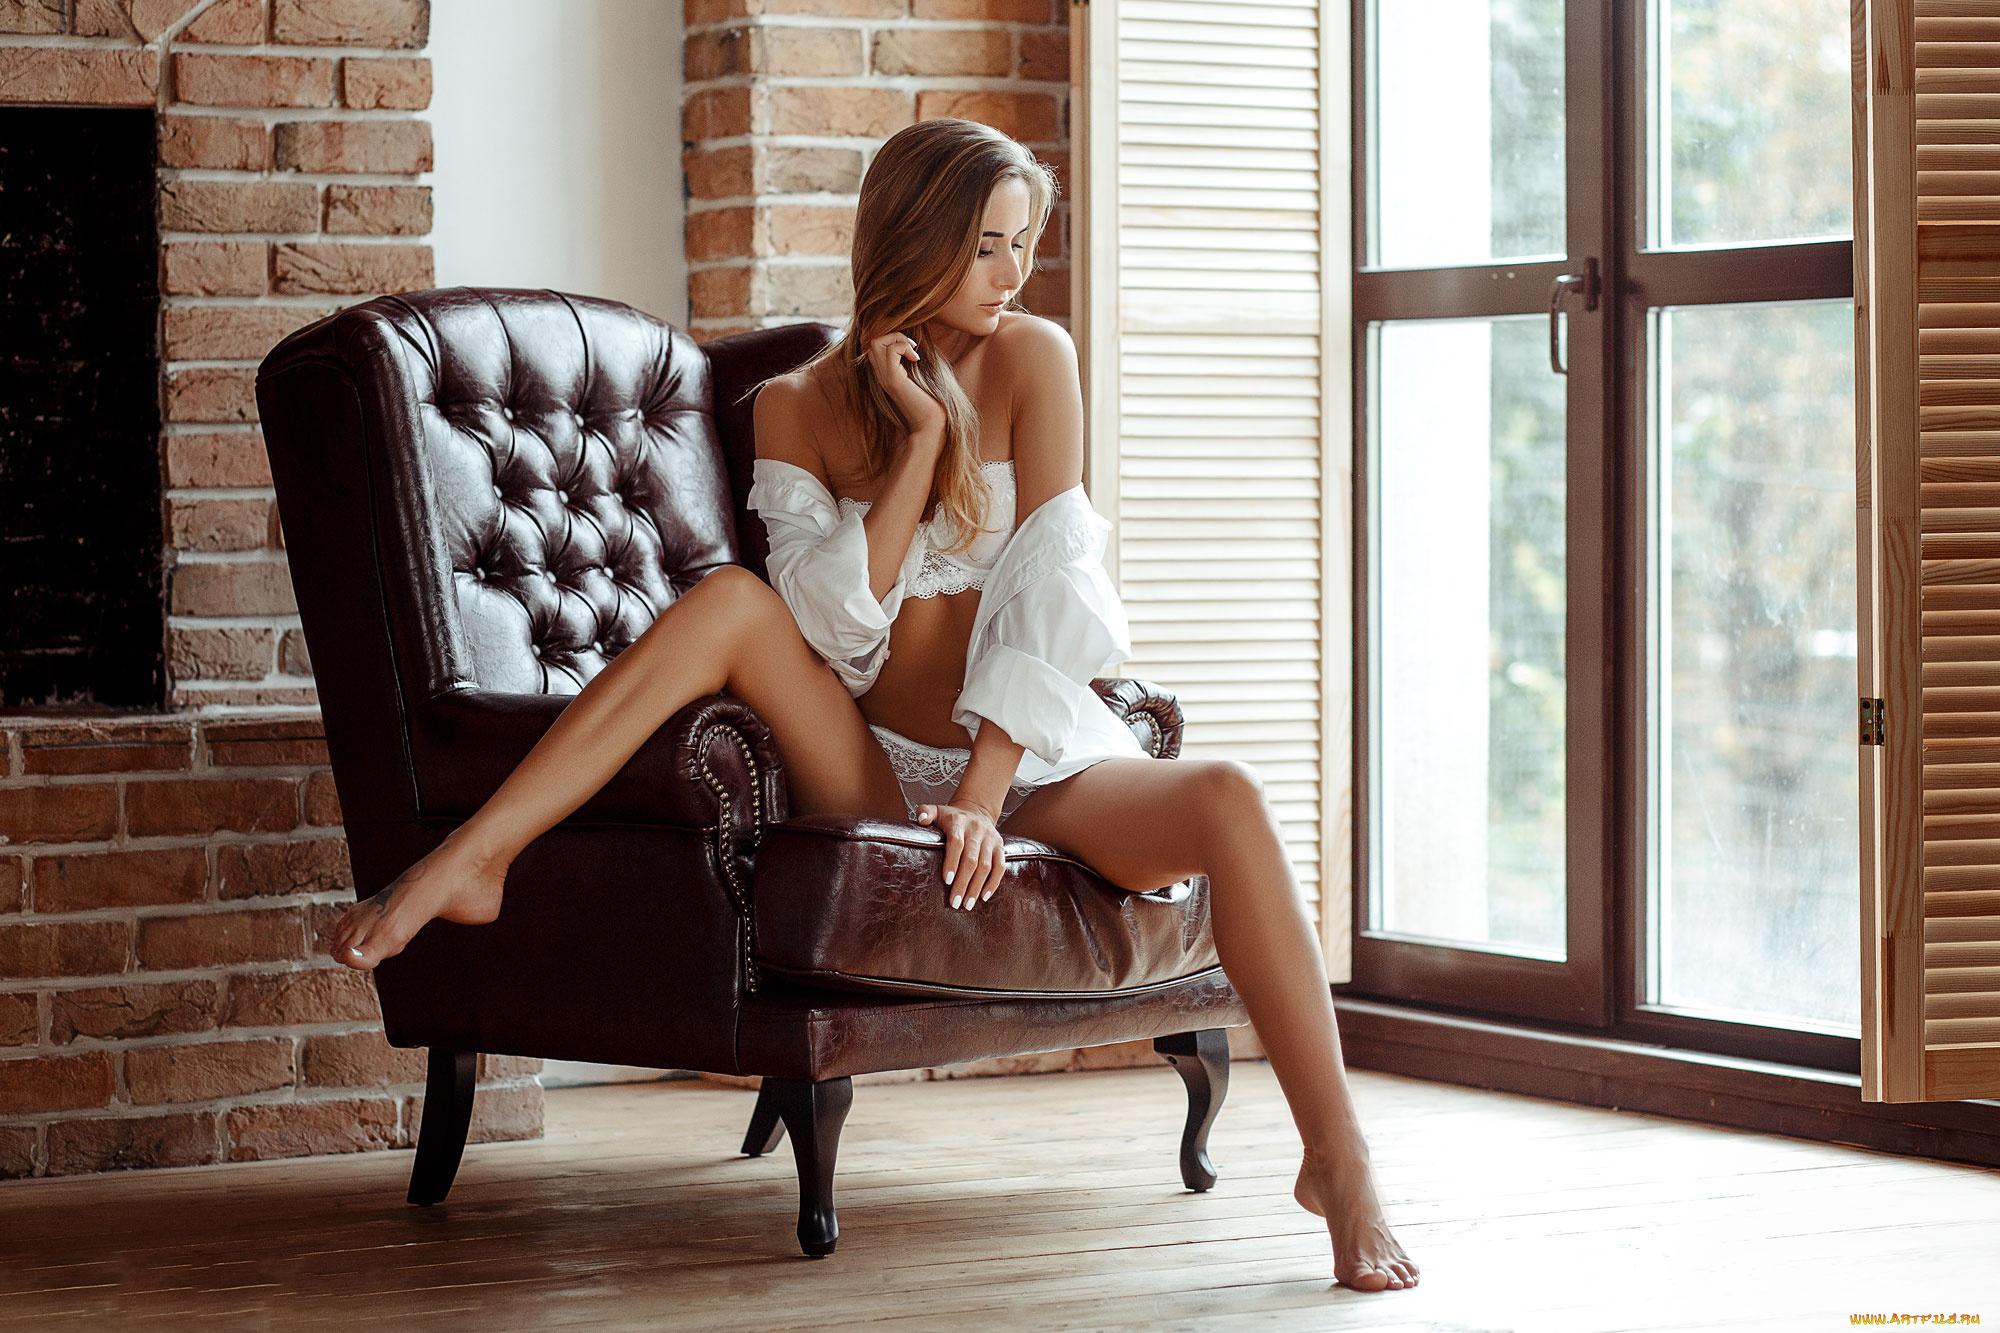 женщины на стуле показывают ножки